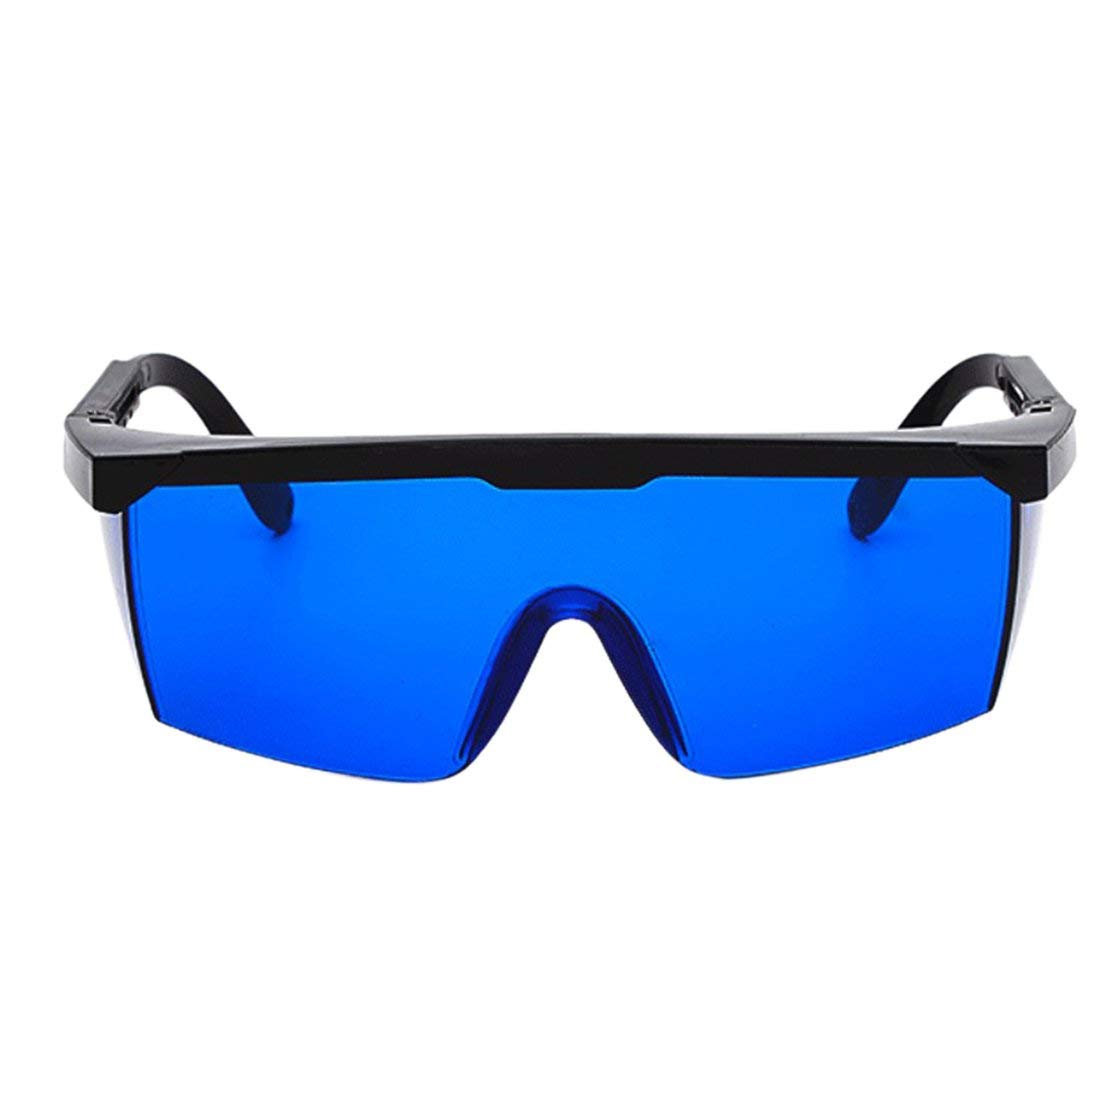 Gwendoll Gafas Protectoras Gafas Ipl Gafas E Light Depilaci/ón Manchas de Trabajo Gafas de Seguro Opt Equipo de Belleza